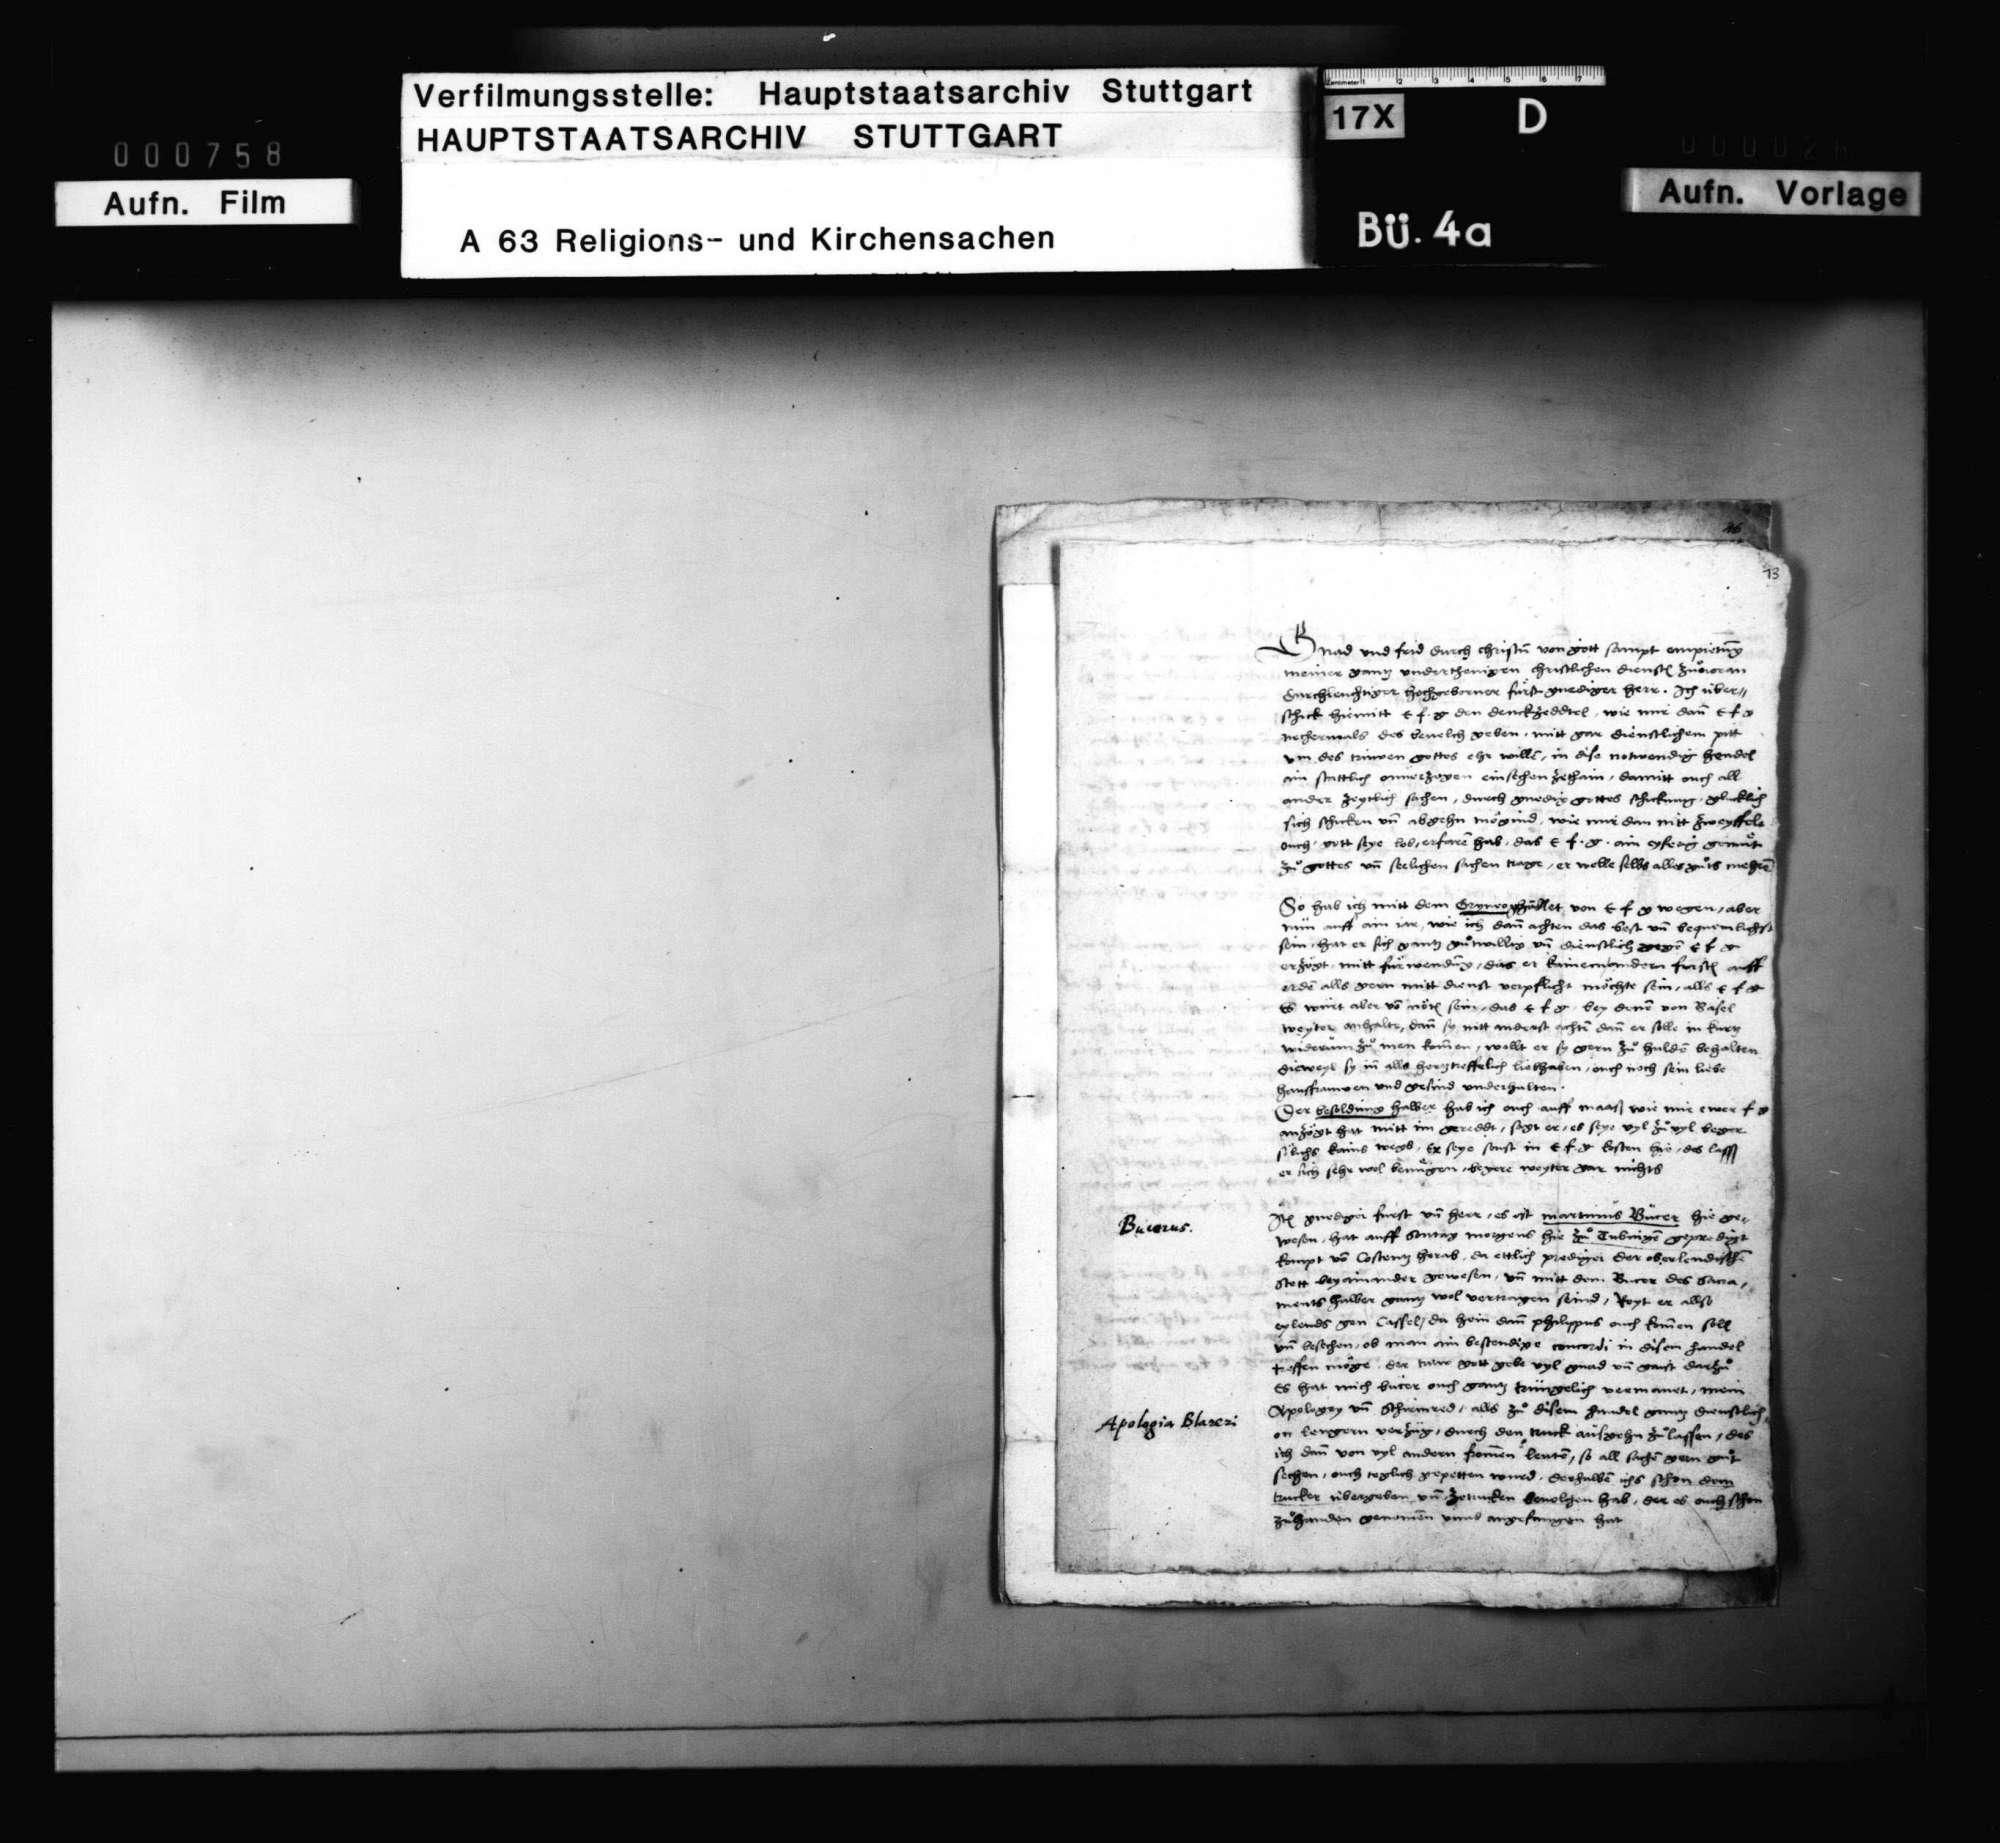 Blarers Rechtfertigung wegen seiner Lehre, Bild 2